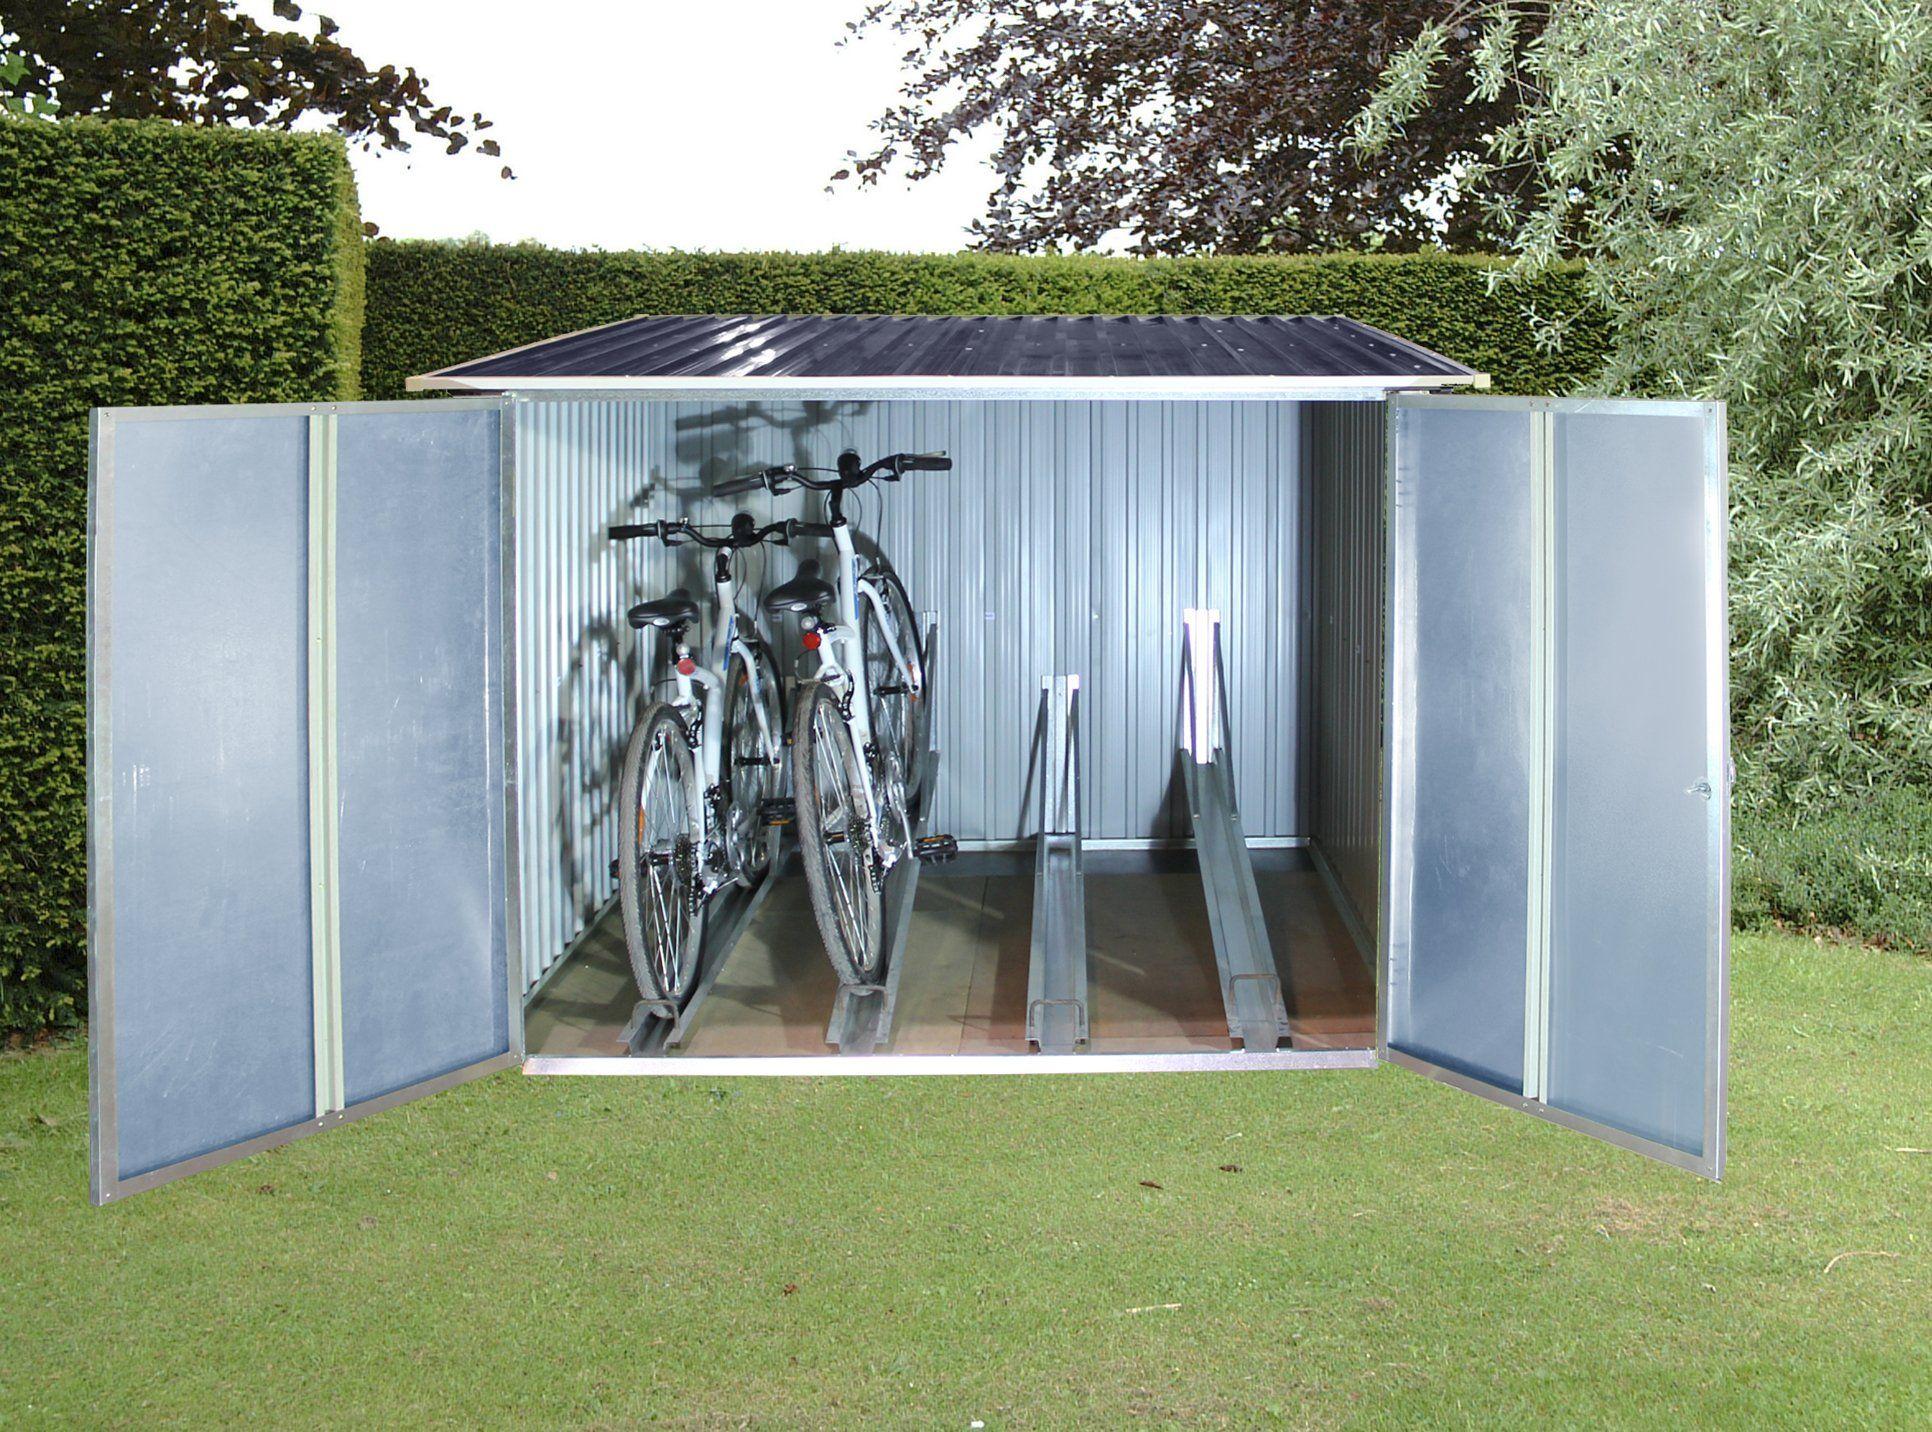 Tepro Fahrradbox Fur Bis Zu 4 Fahrrader